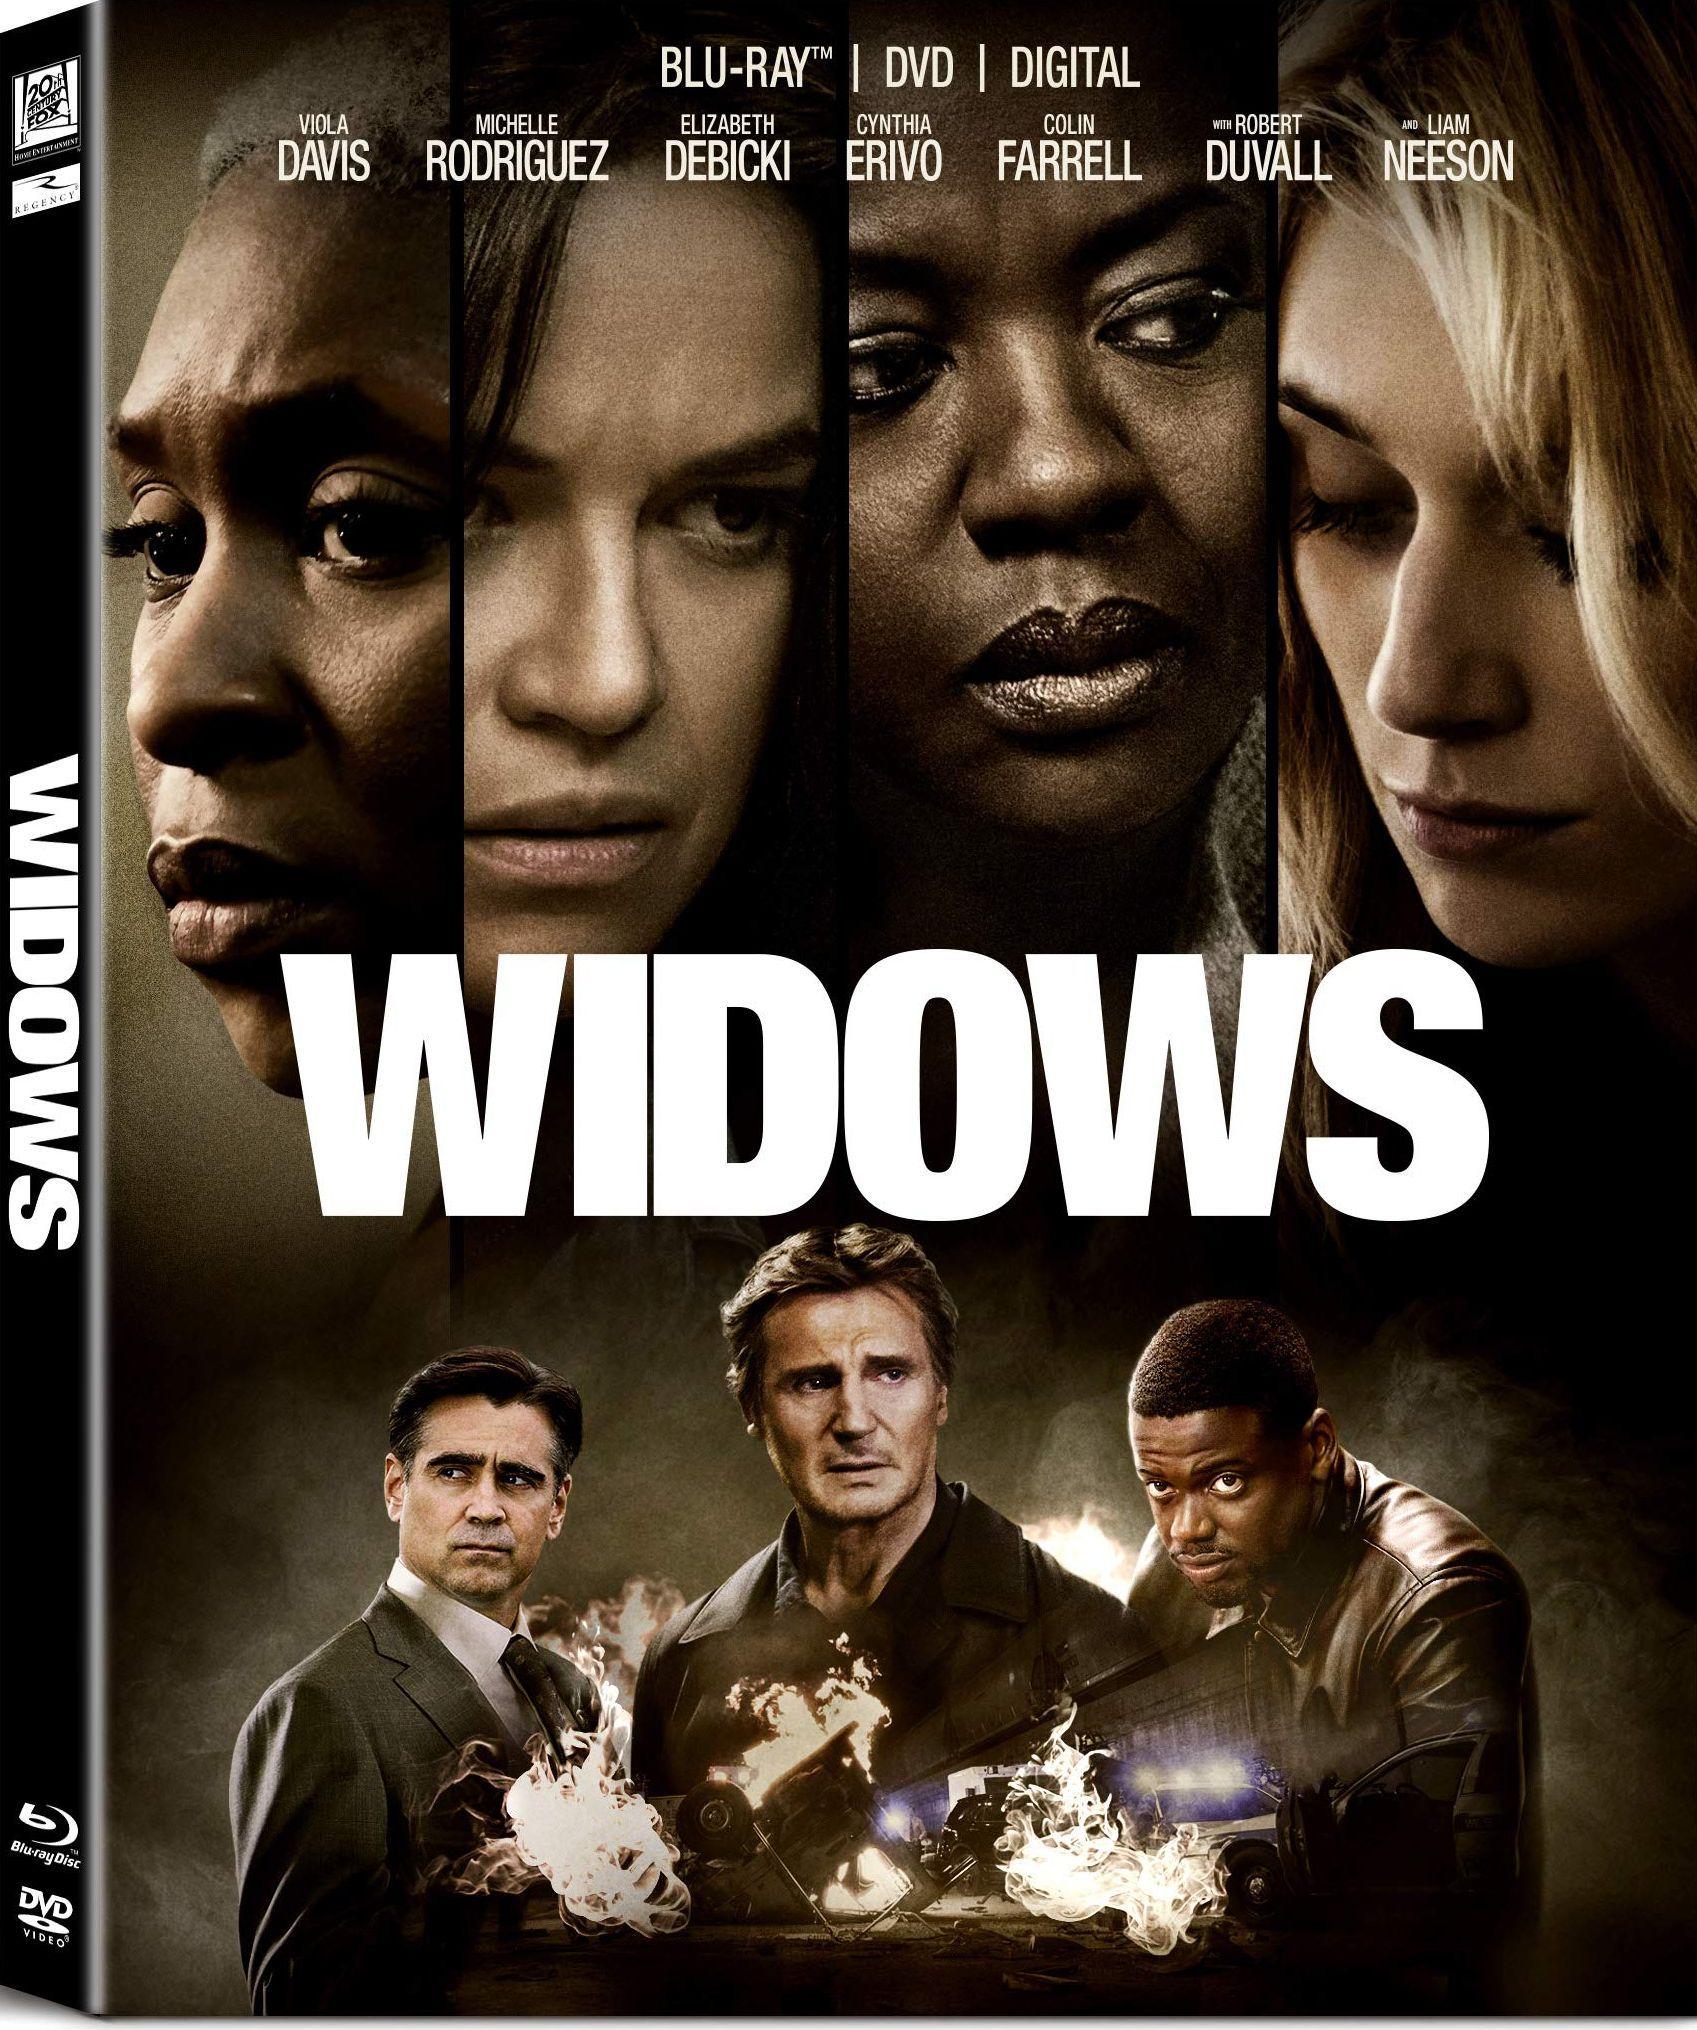 ผลการค้นหารูปภาพสำหรับ widows blu ray